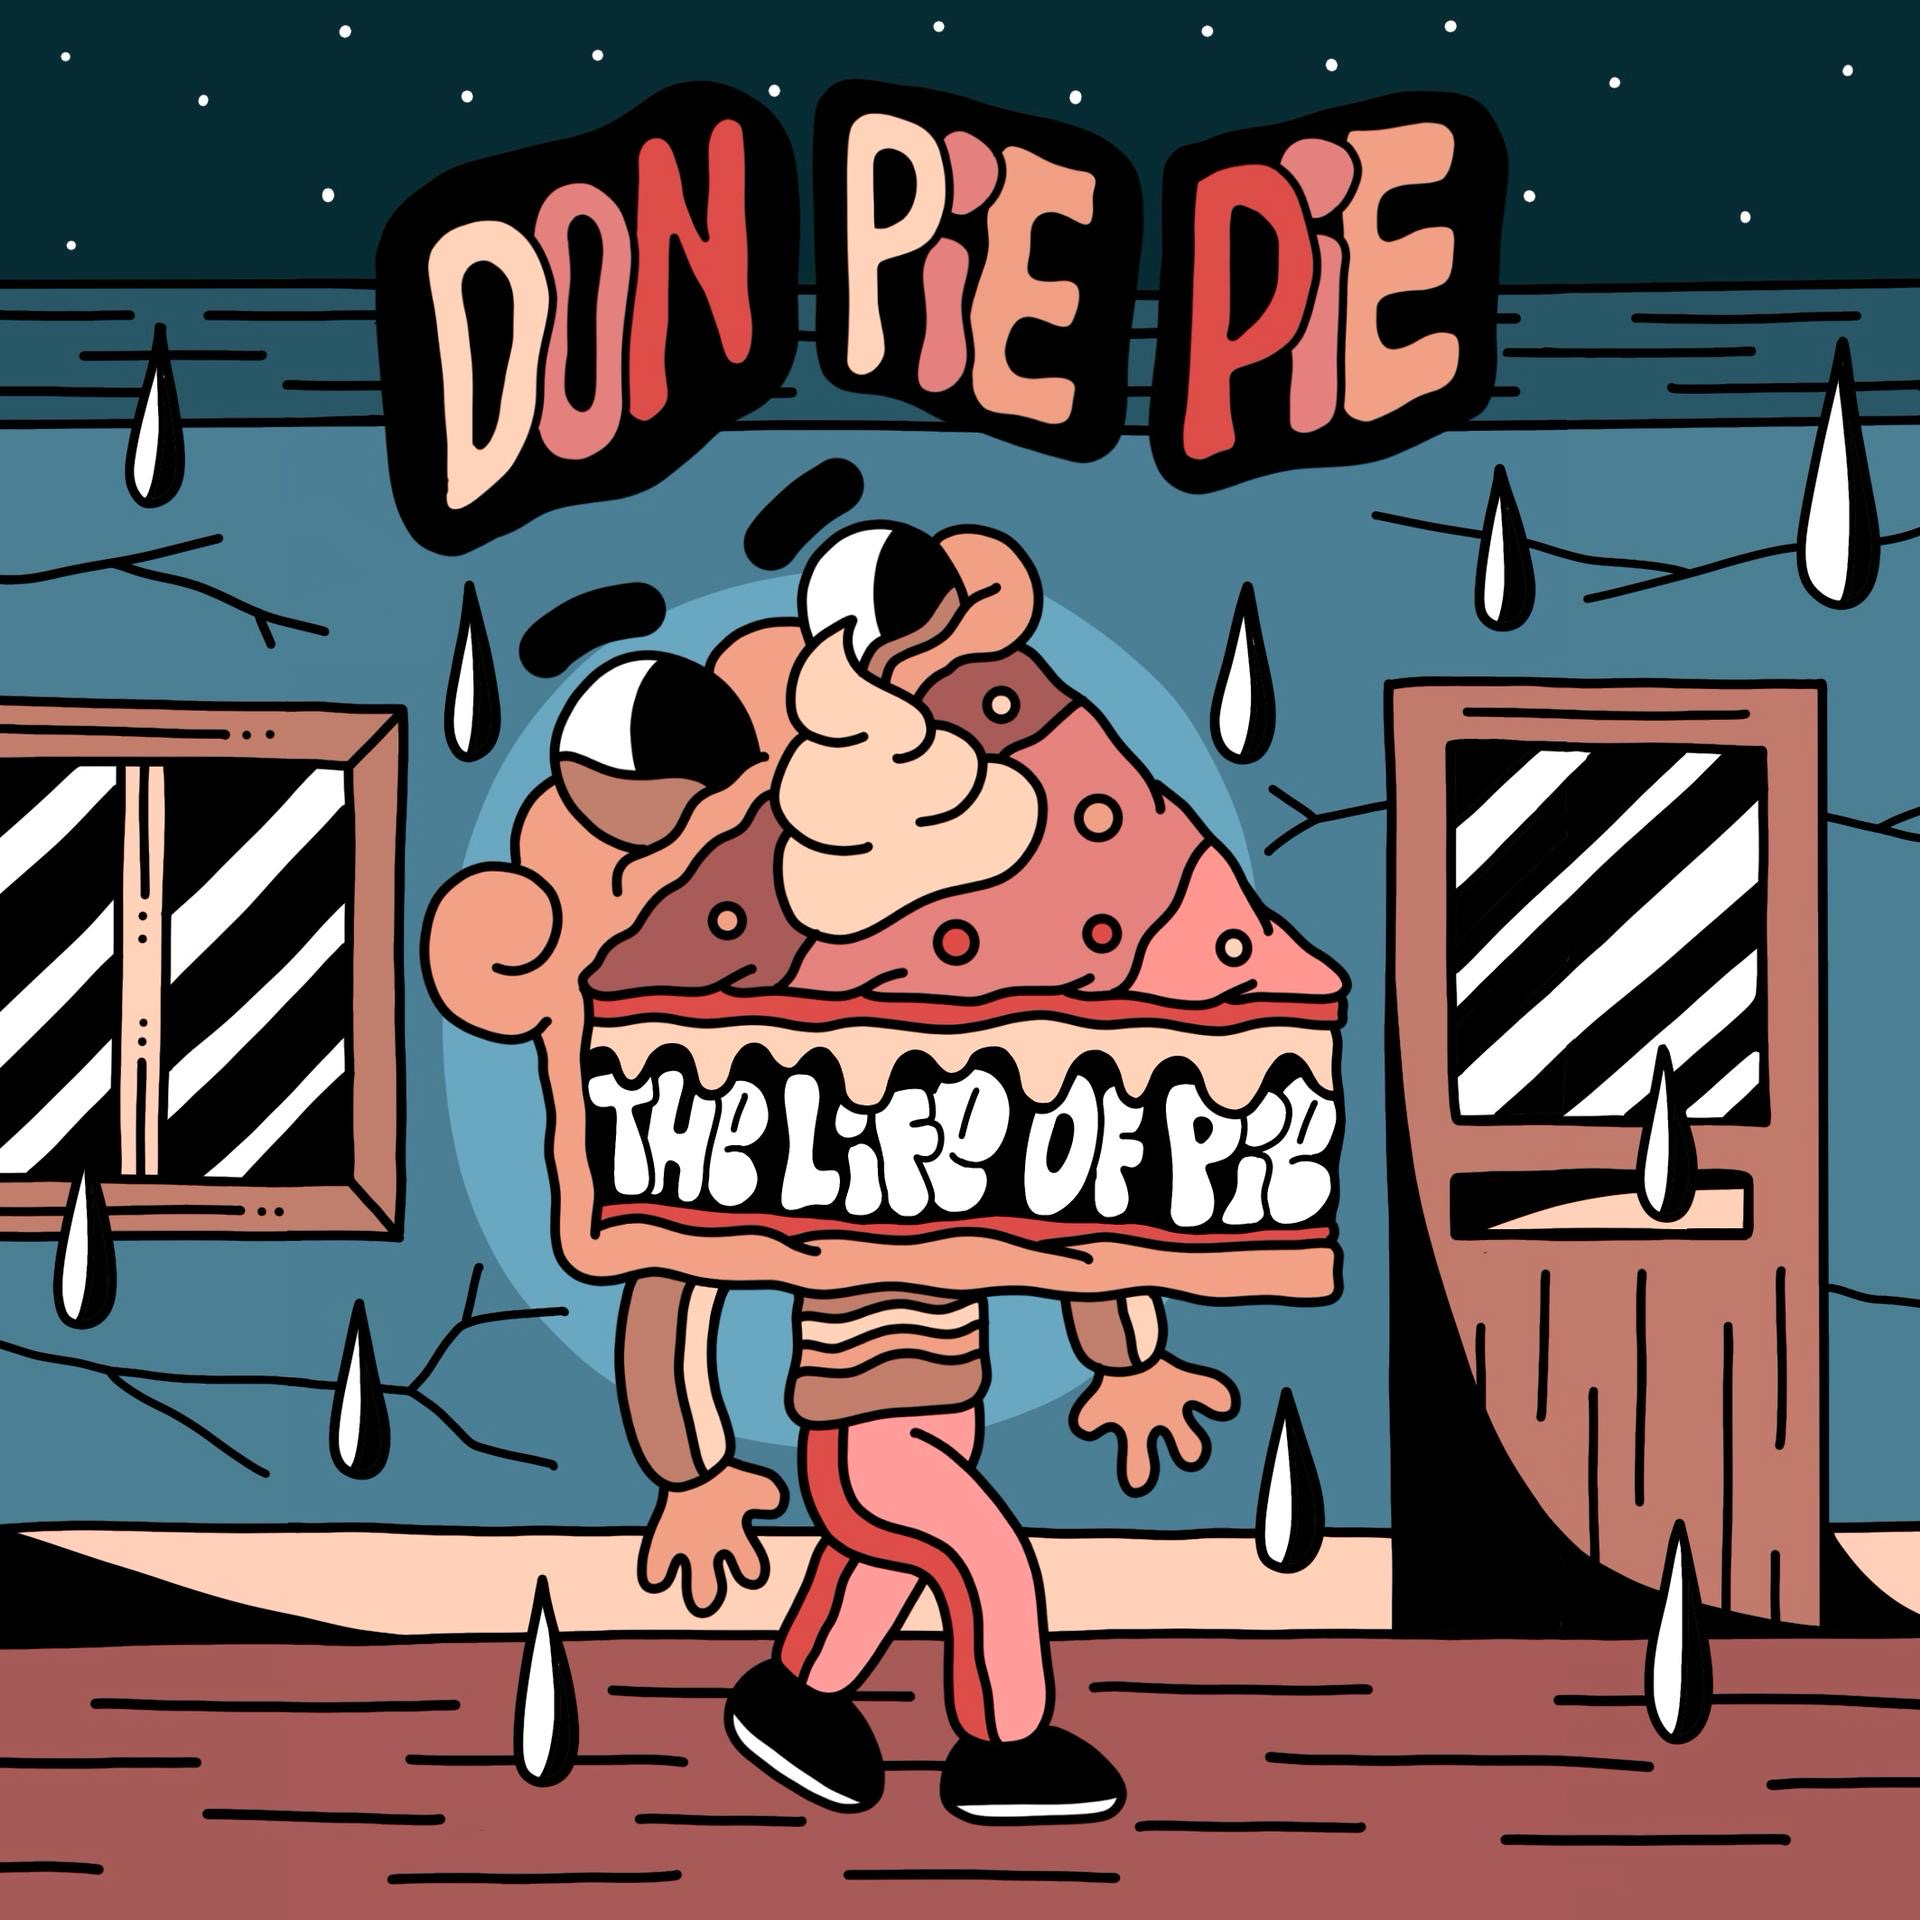 Don Pie Pie estreiam-se em cassete